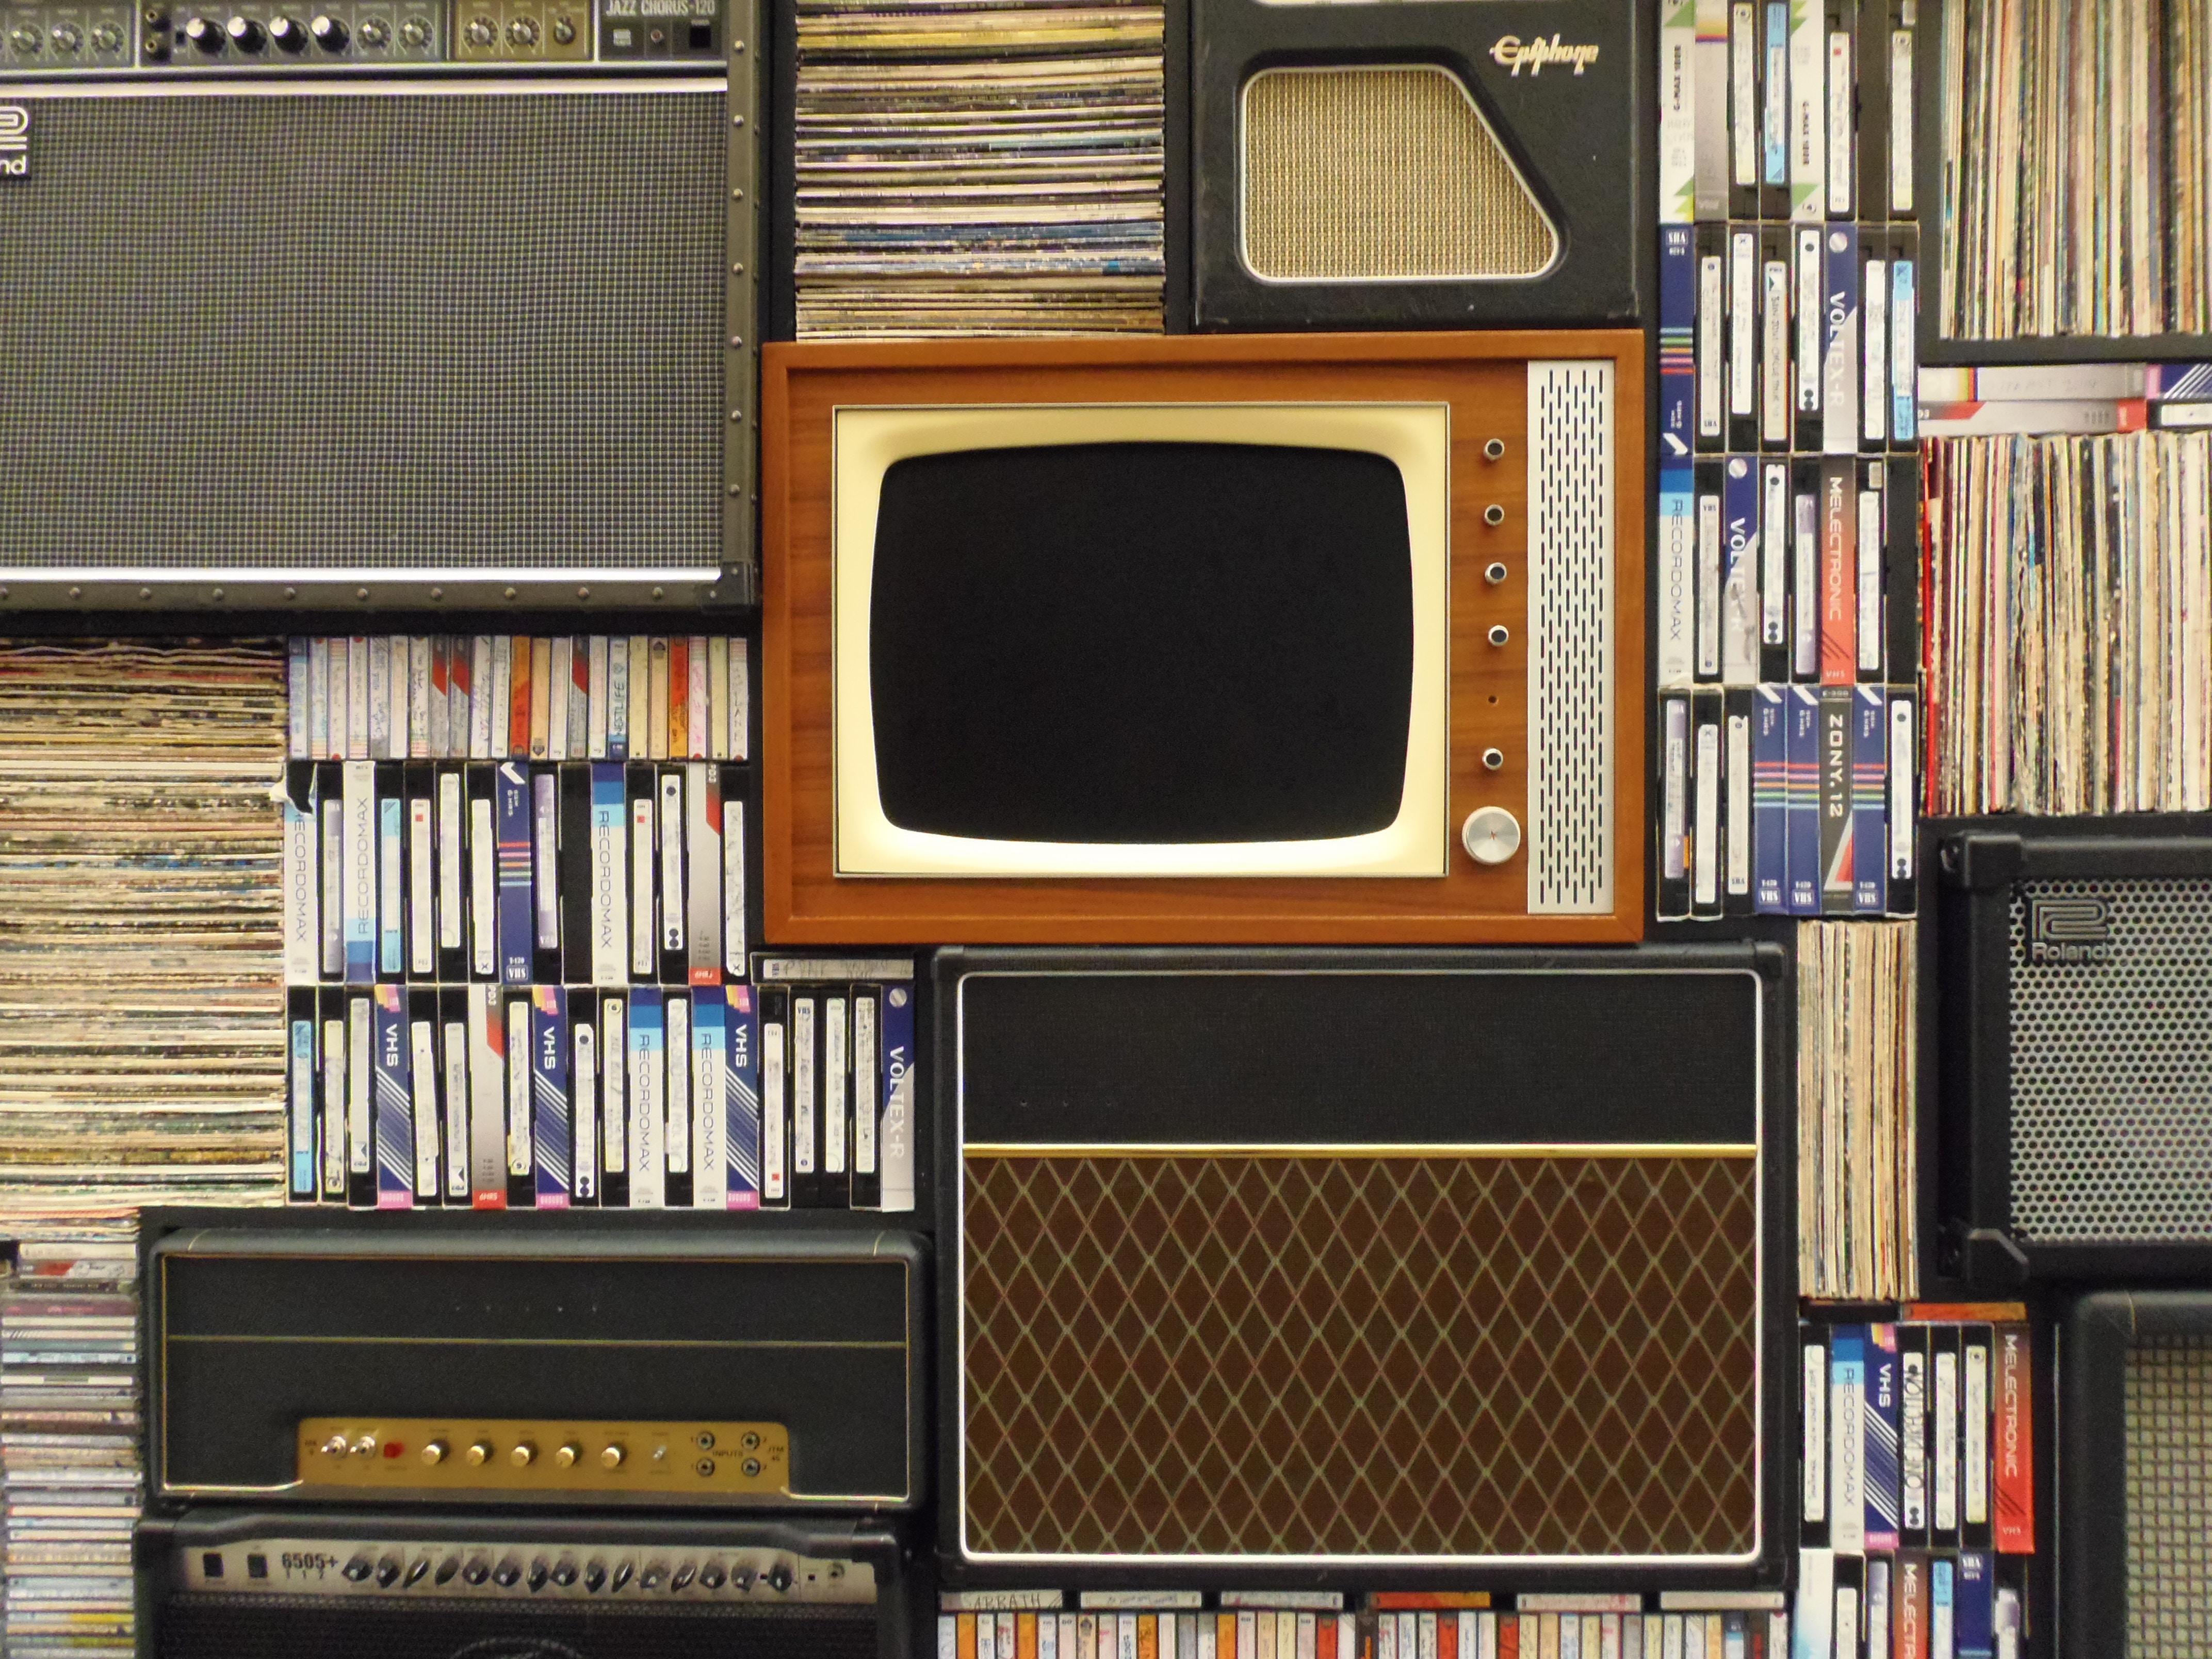 Multichannel - Eine gute Strategie, um Medienmultitasker als Kunden zu gewinnen?